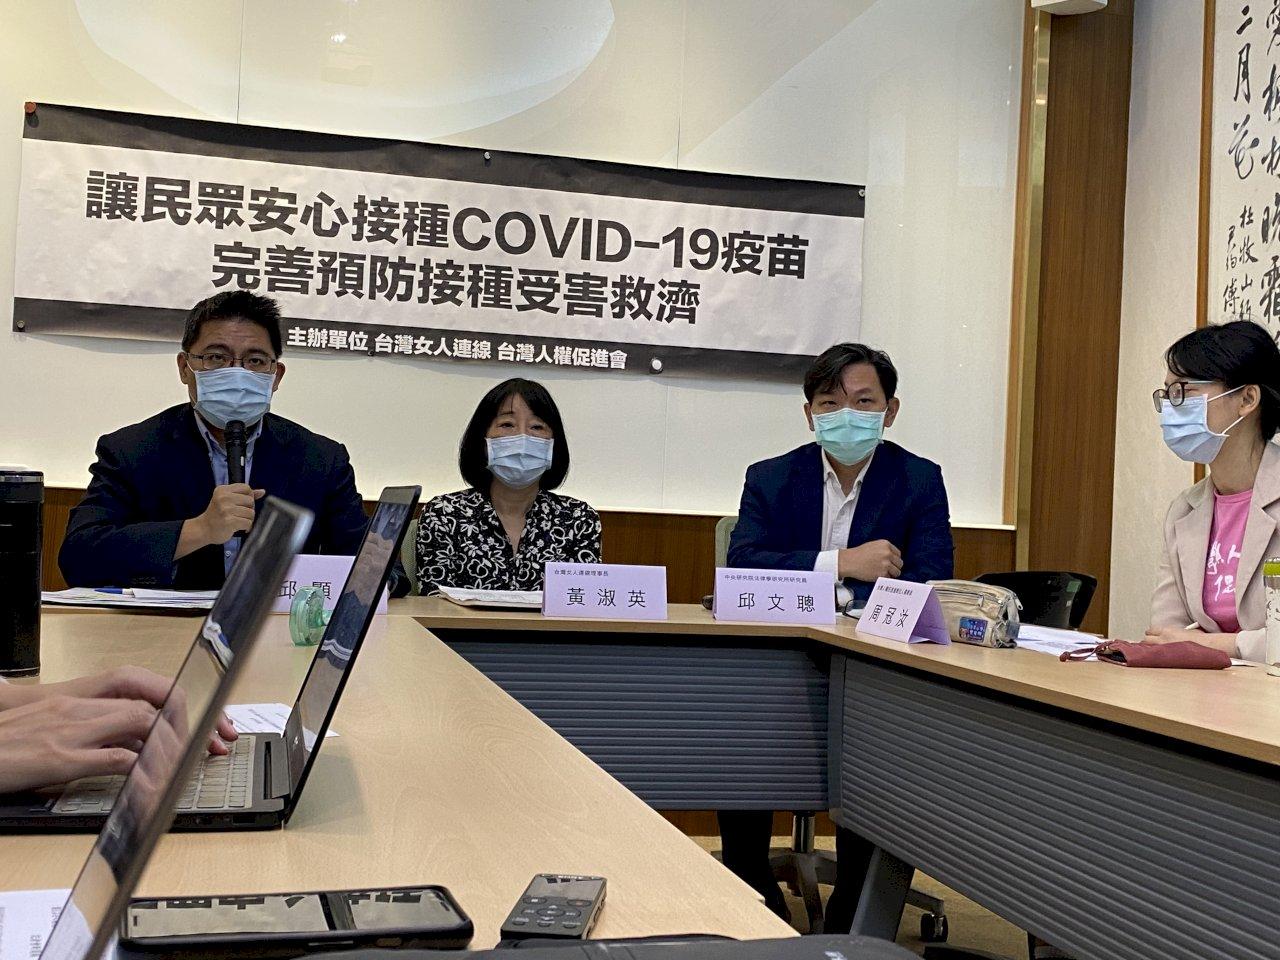 打COVID-19疫苗受損恐無法獲償 民團籲衛福部修改審議標準